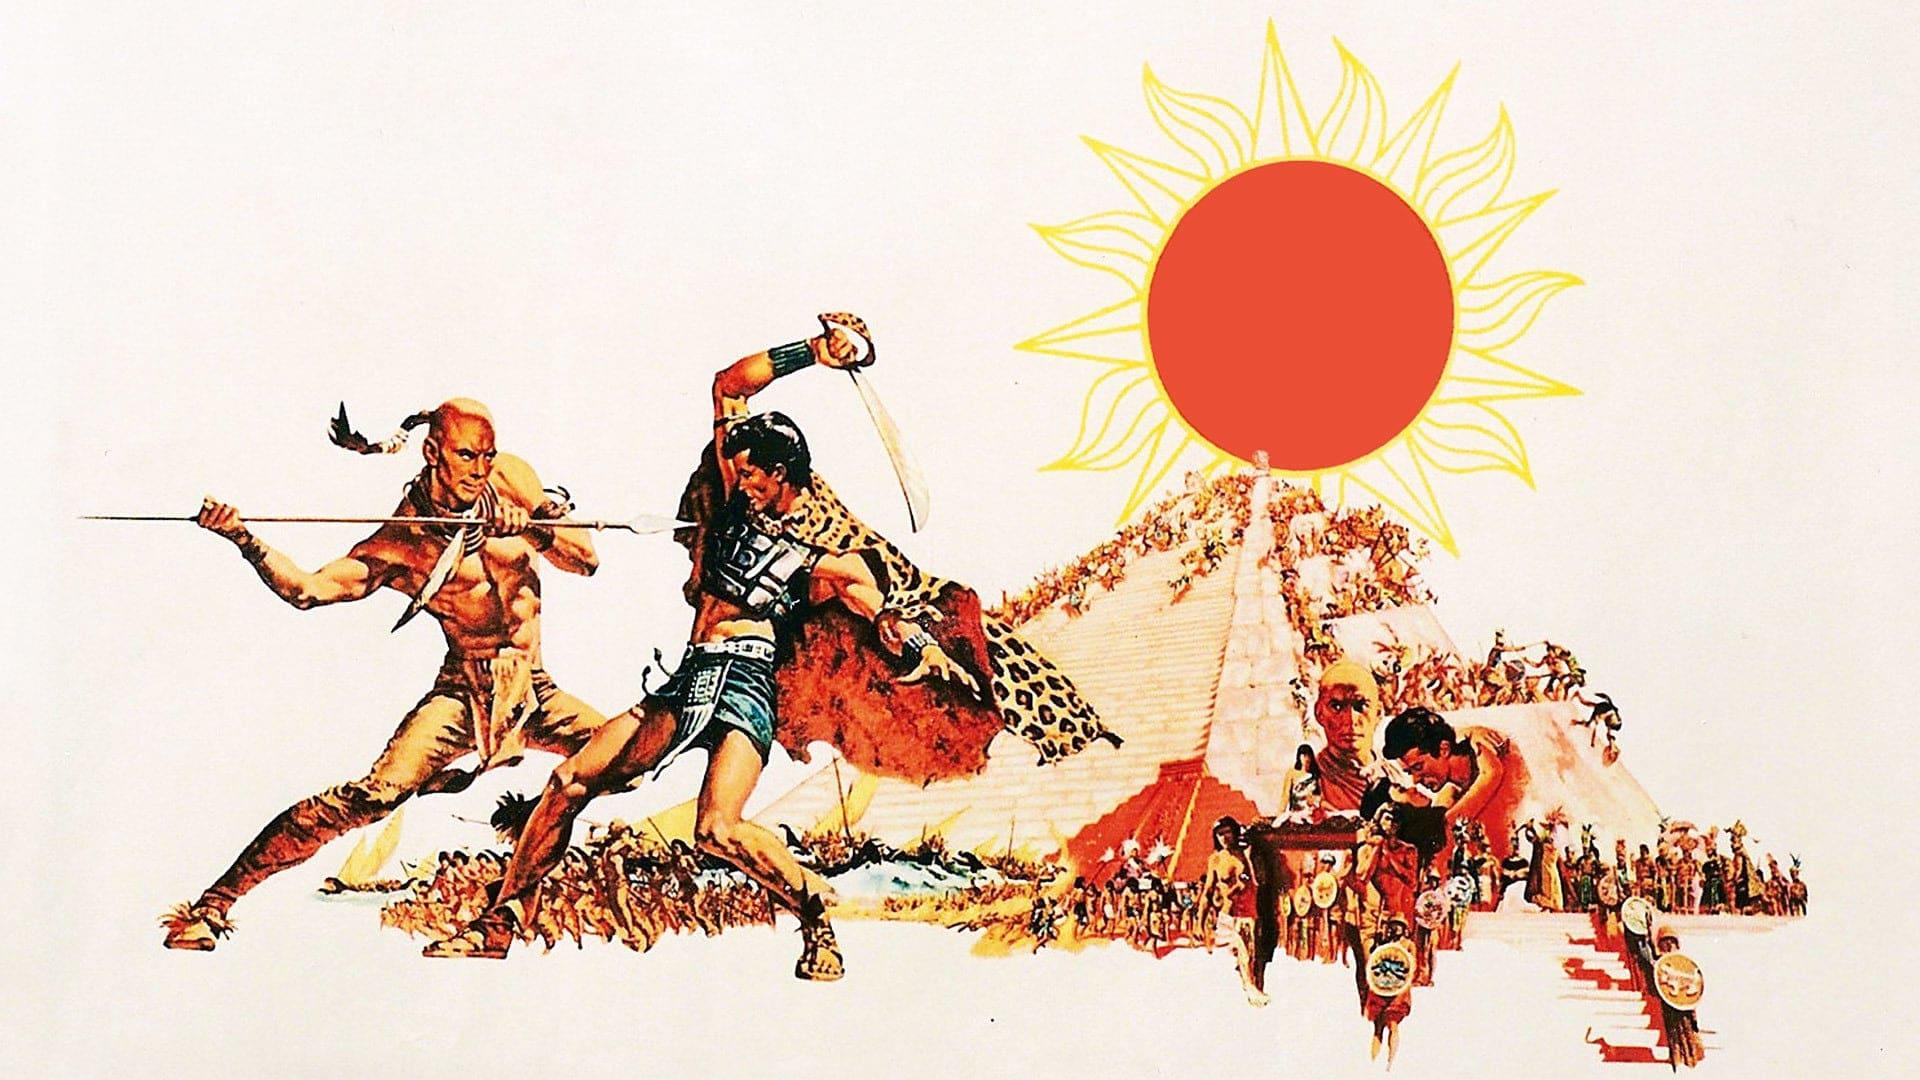 Regarder Les rois du soleil en streaming gratuit